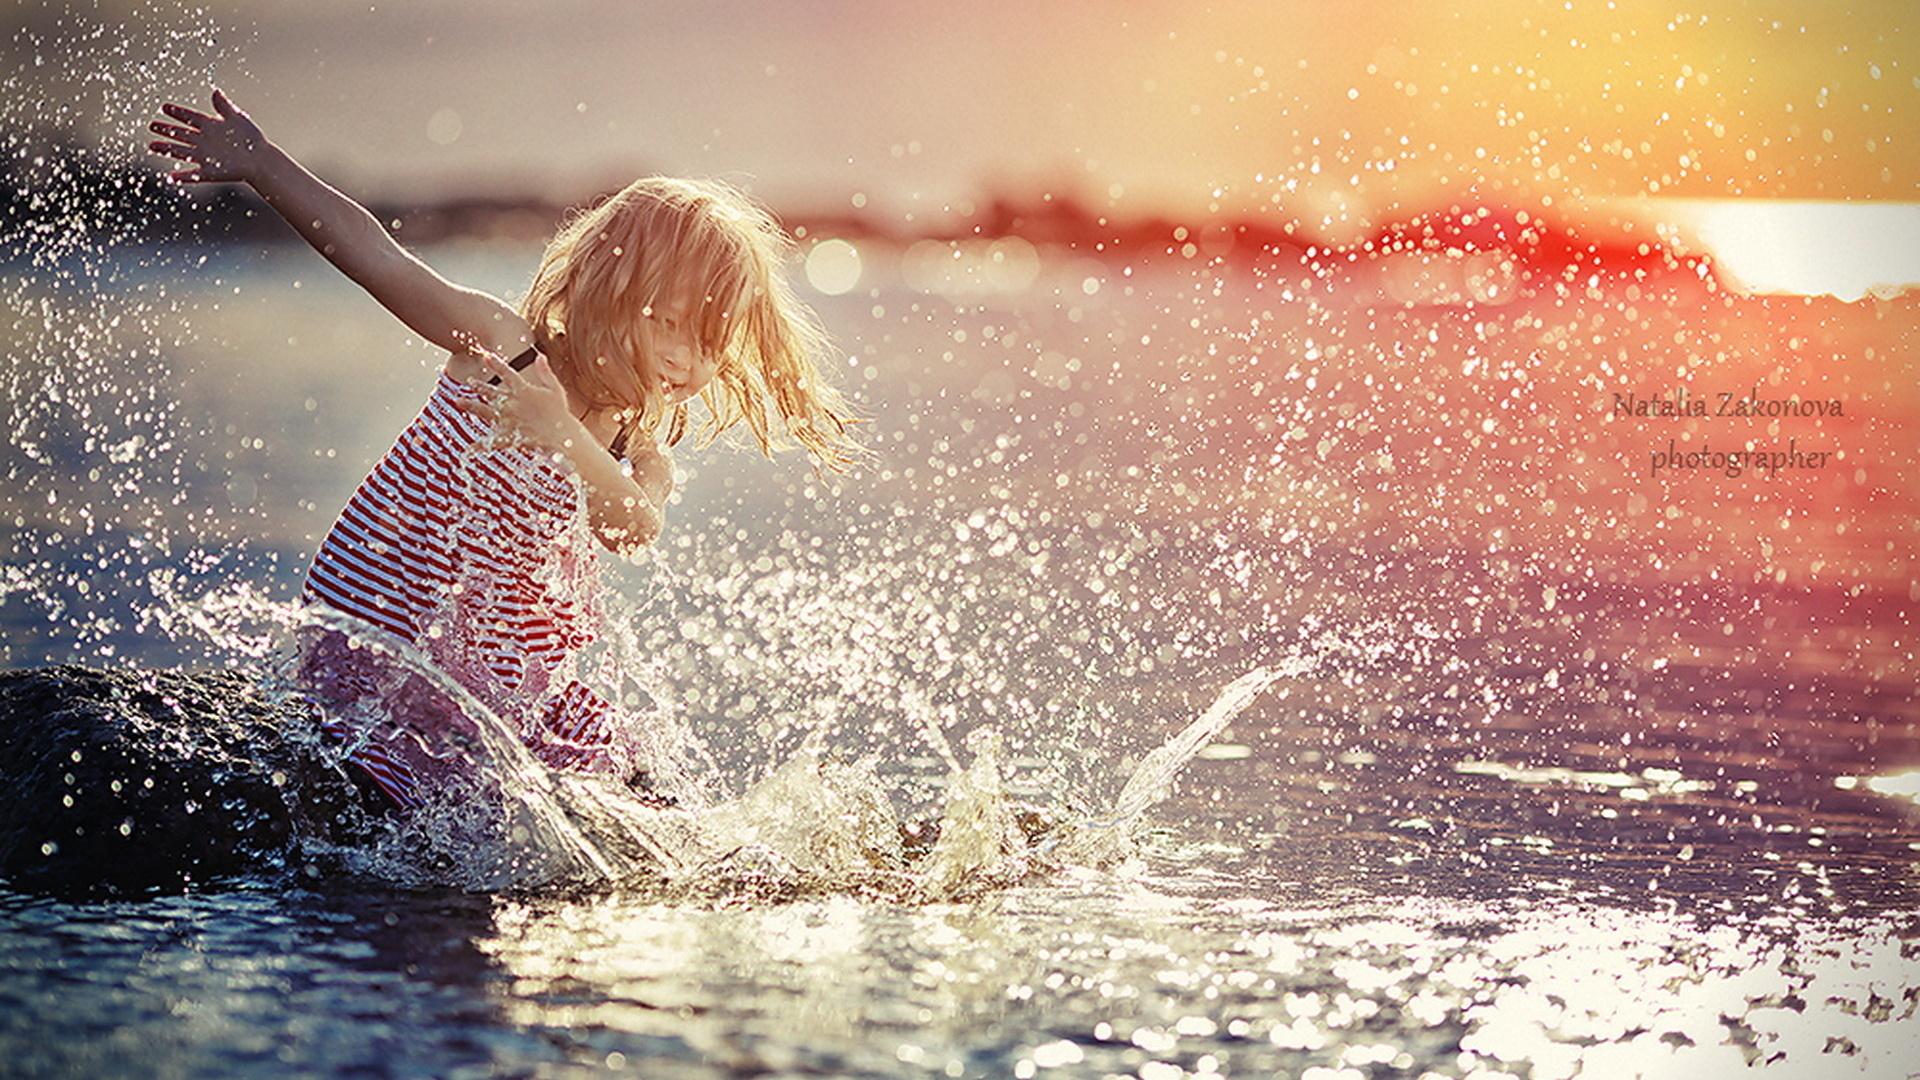 уже картинки солнце жизнь вода менее классические